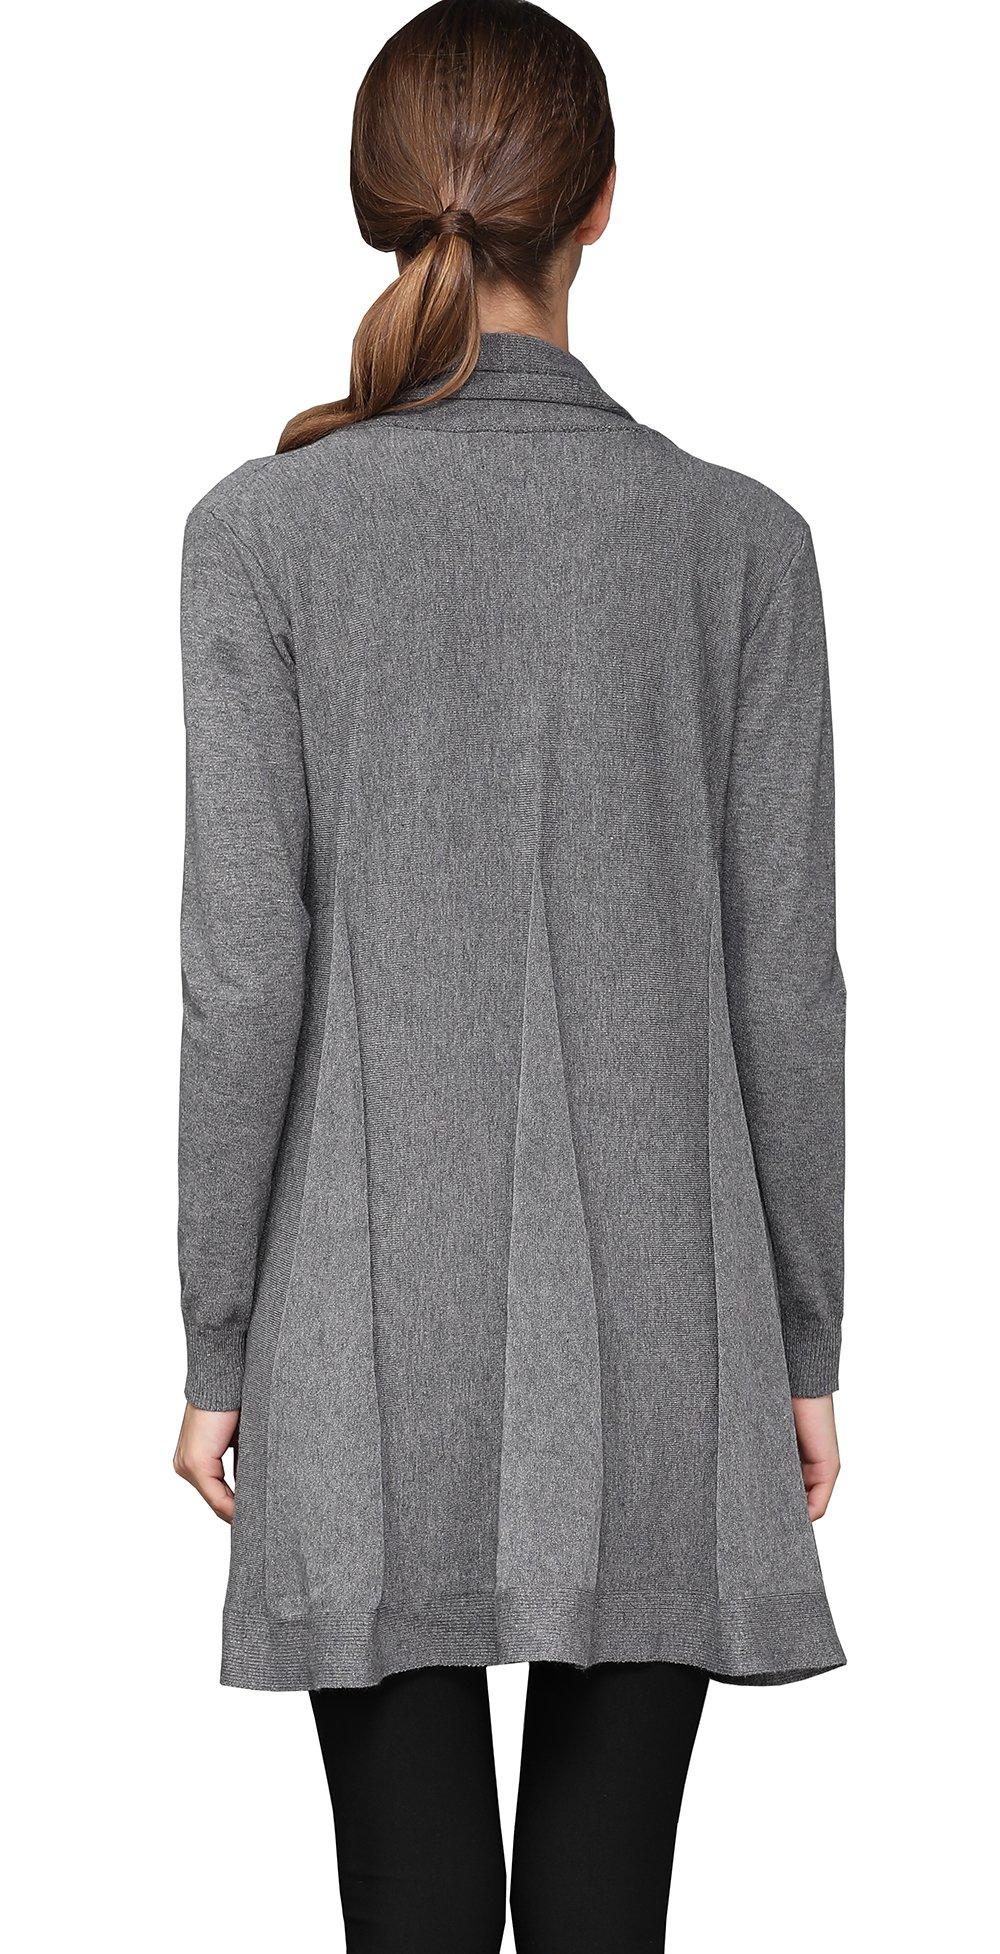 shengweiao Womens Long Sleeve Classic Knit Cardigan Sweater (Large, Dark Grey) by shengweiao (Image #3)